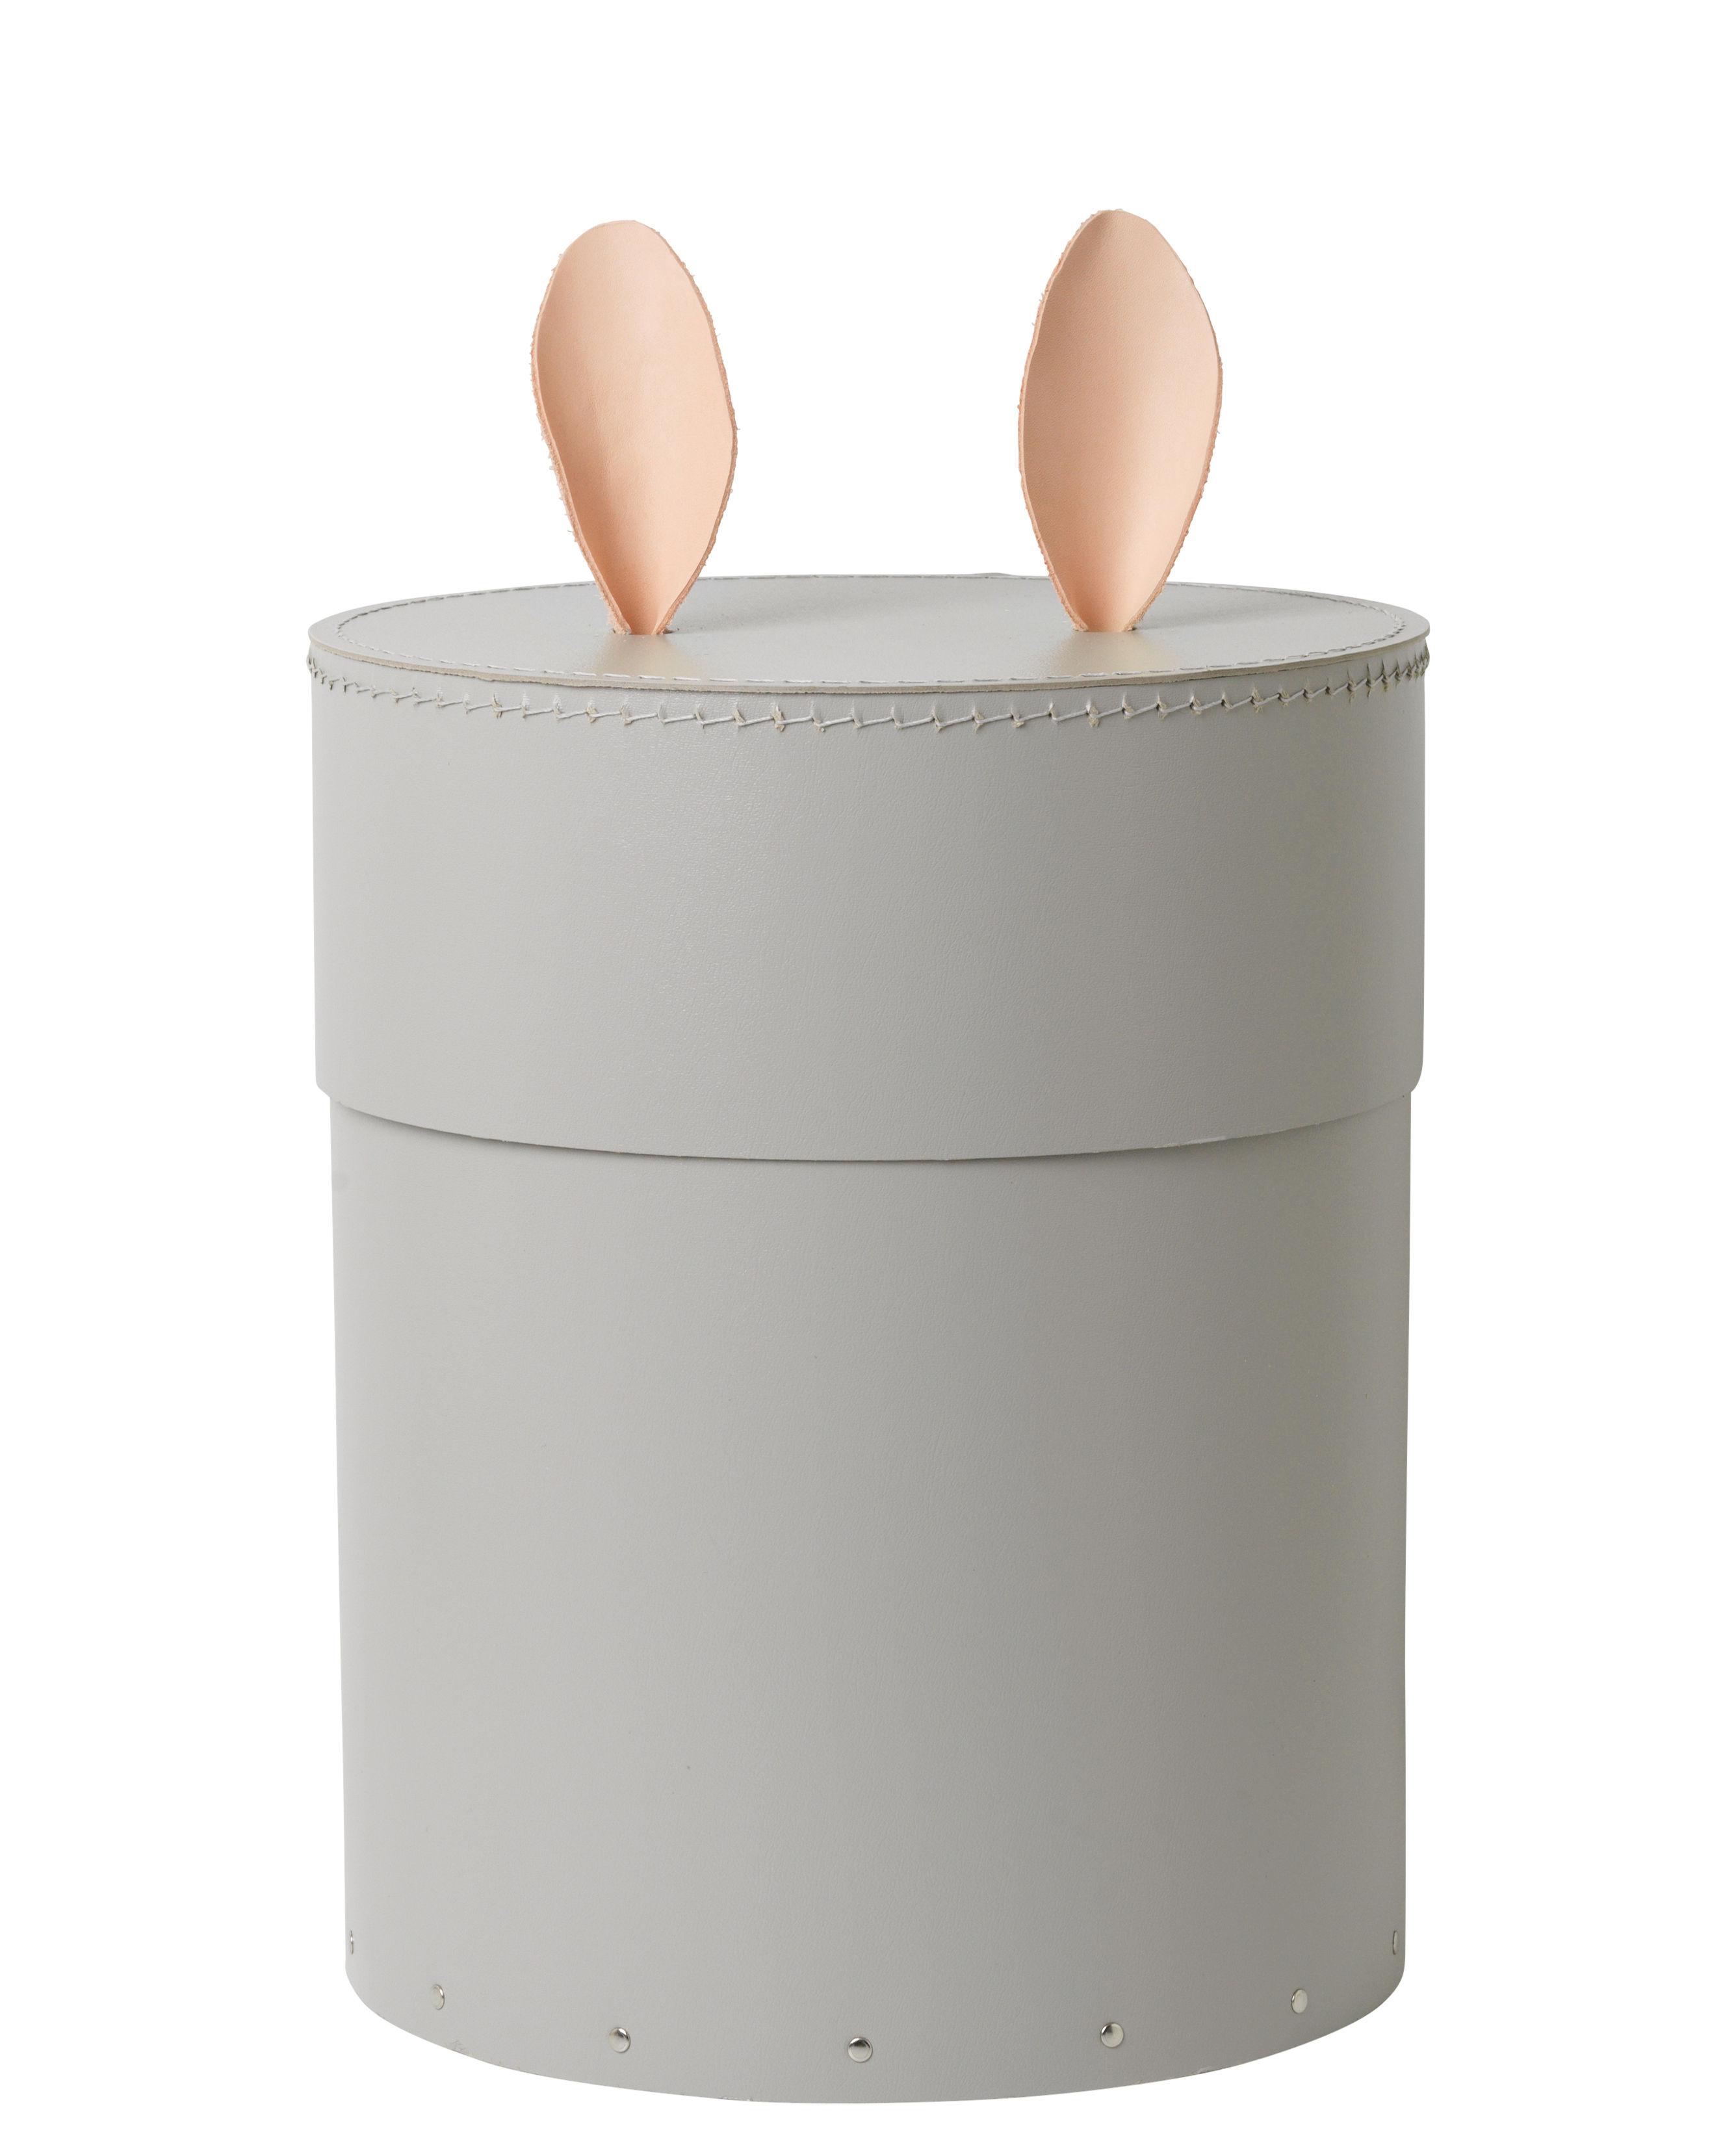 Möbel - Möbel für Kinder - Rabbit Schachtel / Ø 30 cm x H 35 cm - Ferm Living - Grau / Leder natur - Hartpappe, Leder